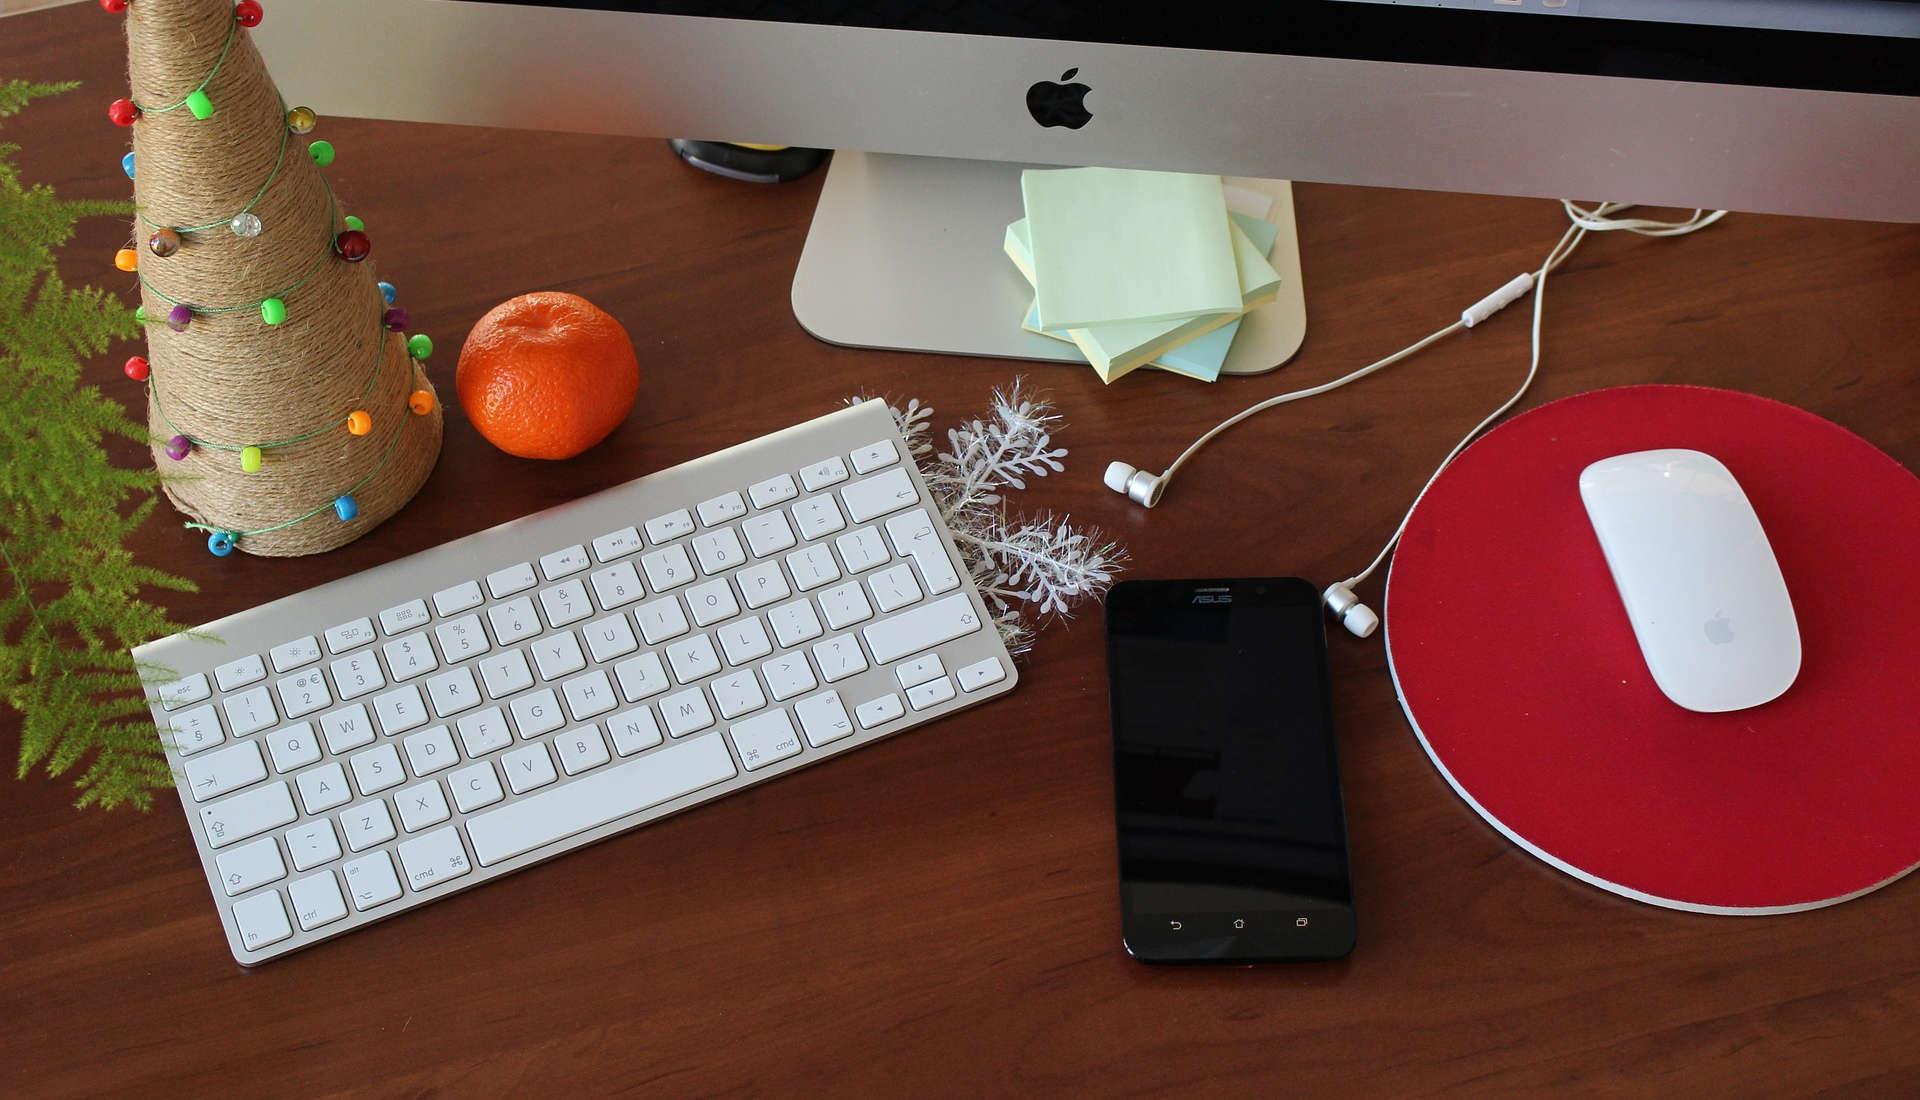 Participa más en Redes Sociales: consejos y ejemplos para impulsar las ventas de Navidad